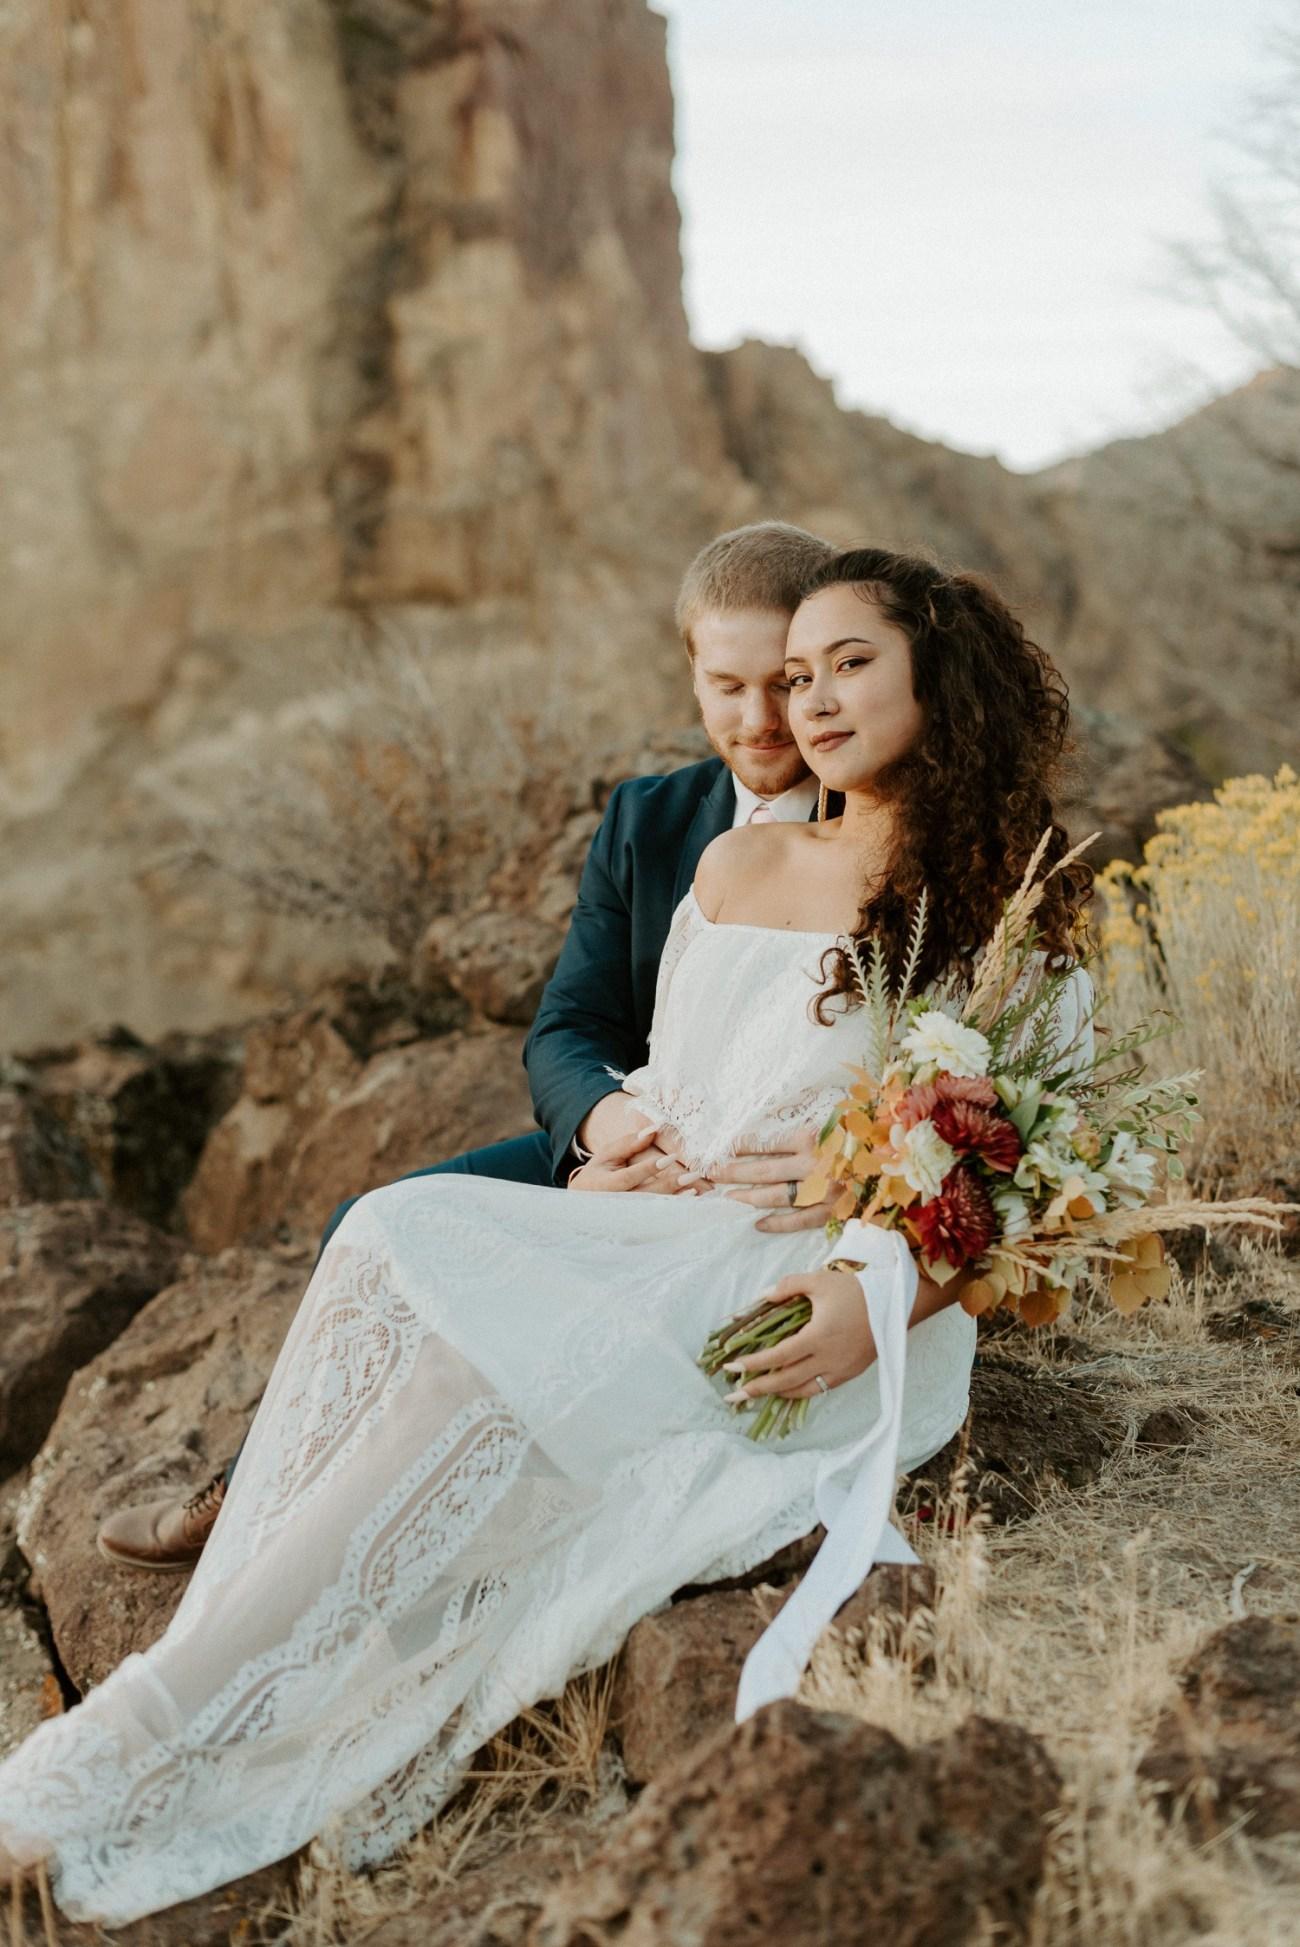 Smith Rock Elopement Bend Elopement Photographer Bend Wedding Photographer Fall Bend Wedding Anais Possamai Photography 034